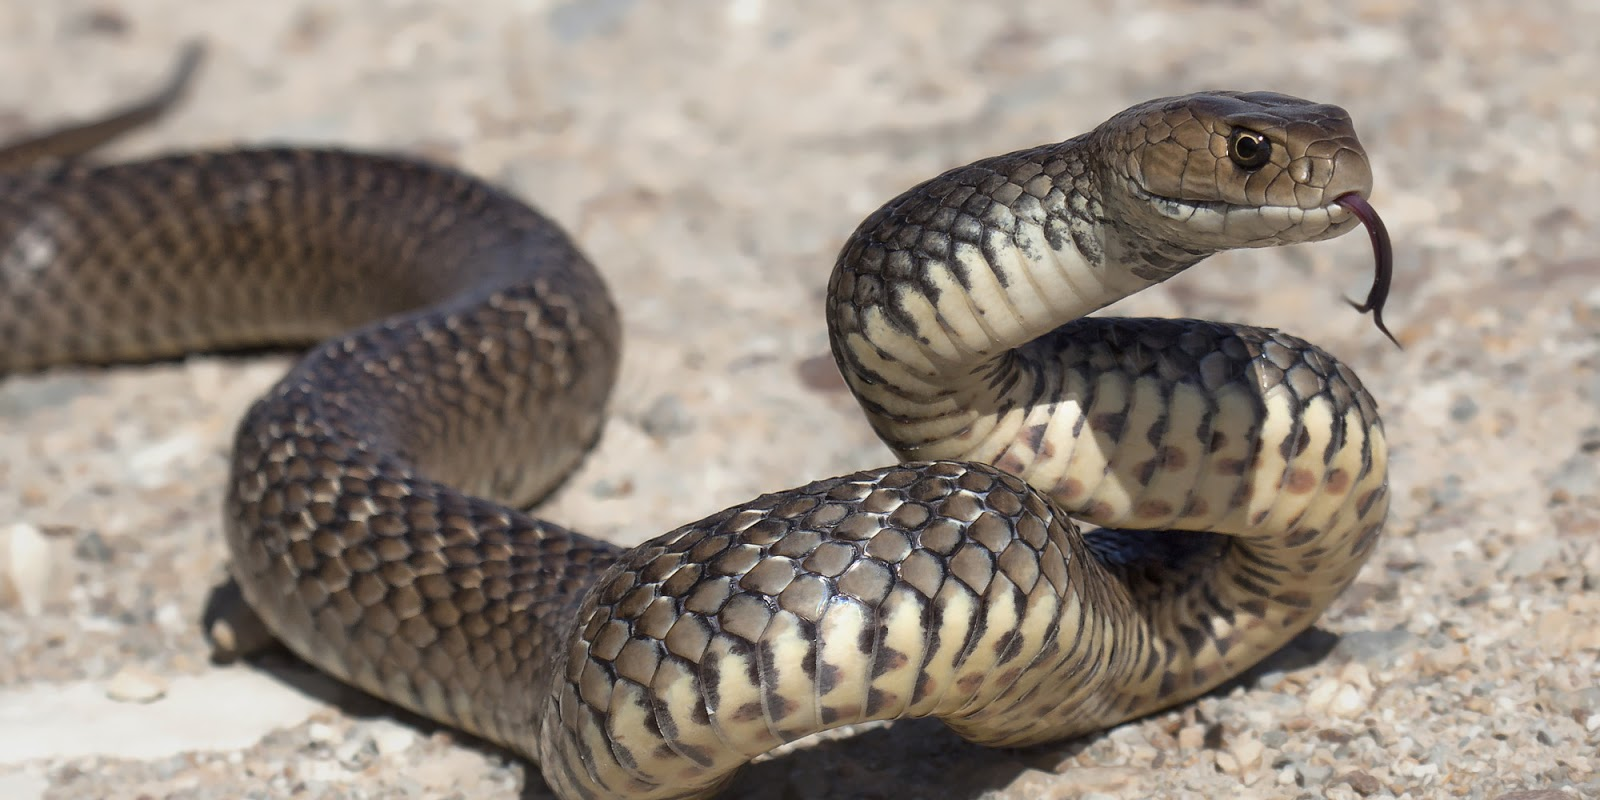 Uyku uyarı, ya da neden bir yılan ısırıkları hakkında bir rüya mı